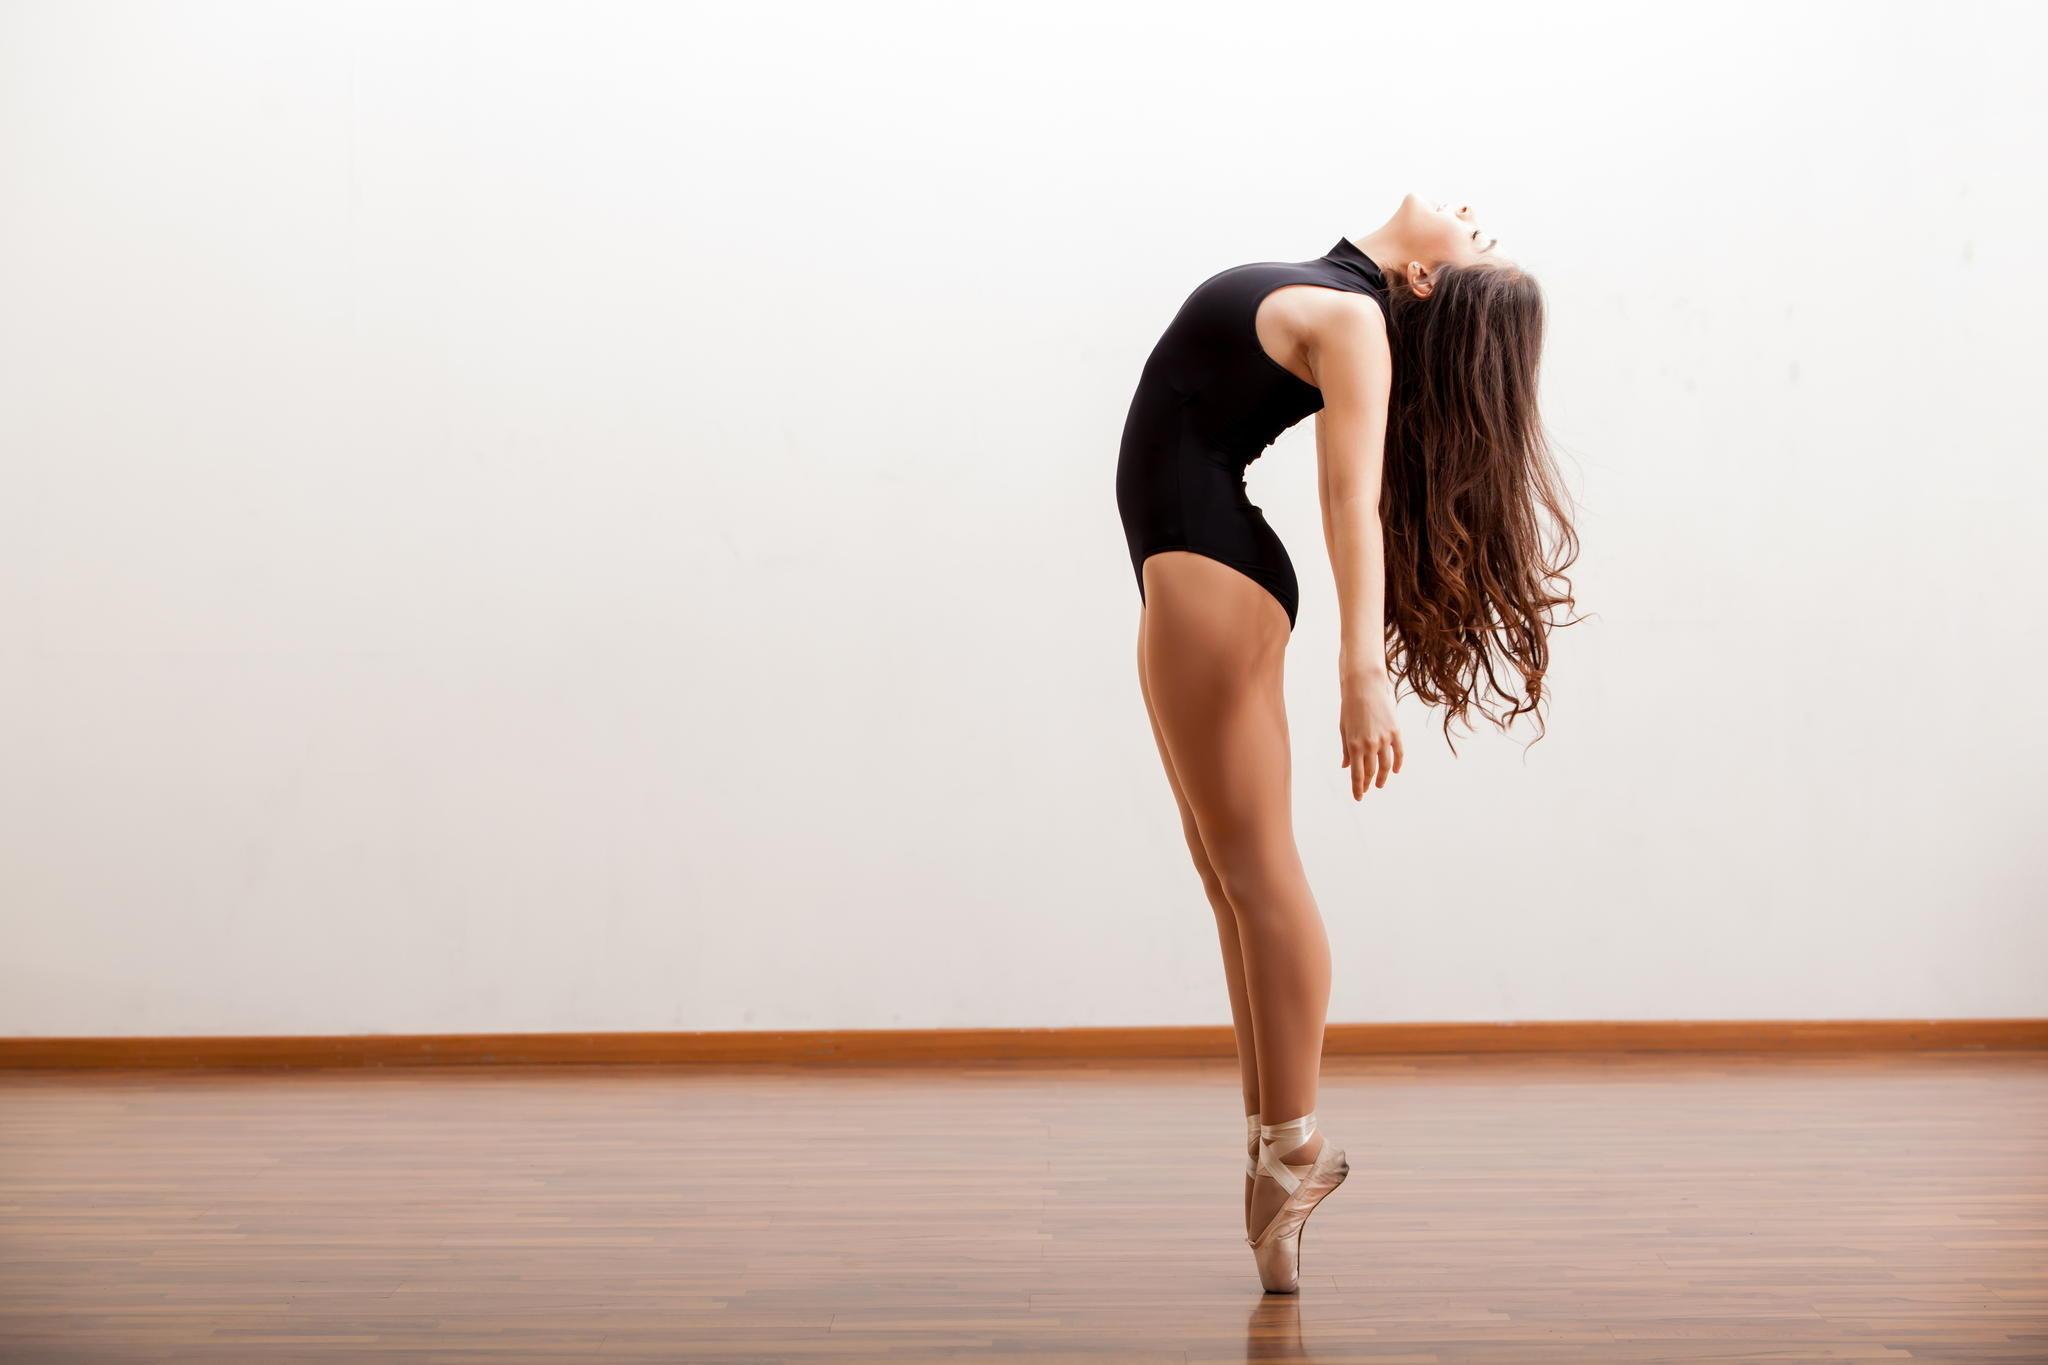 Фото тренировки балерин 6 фотография